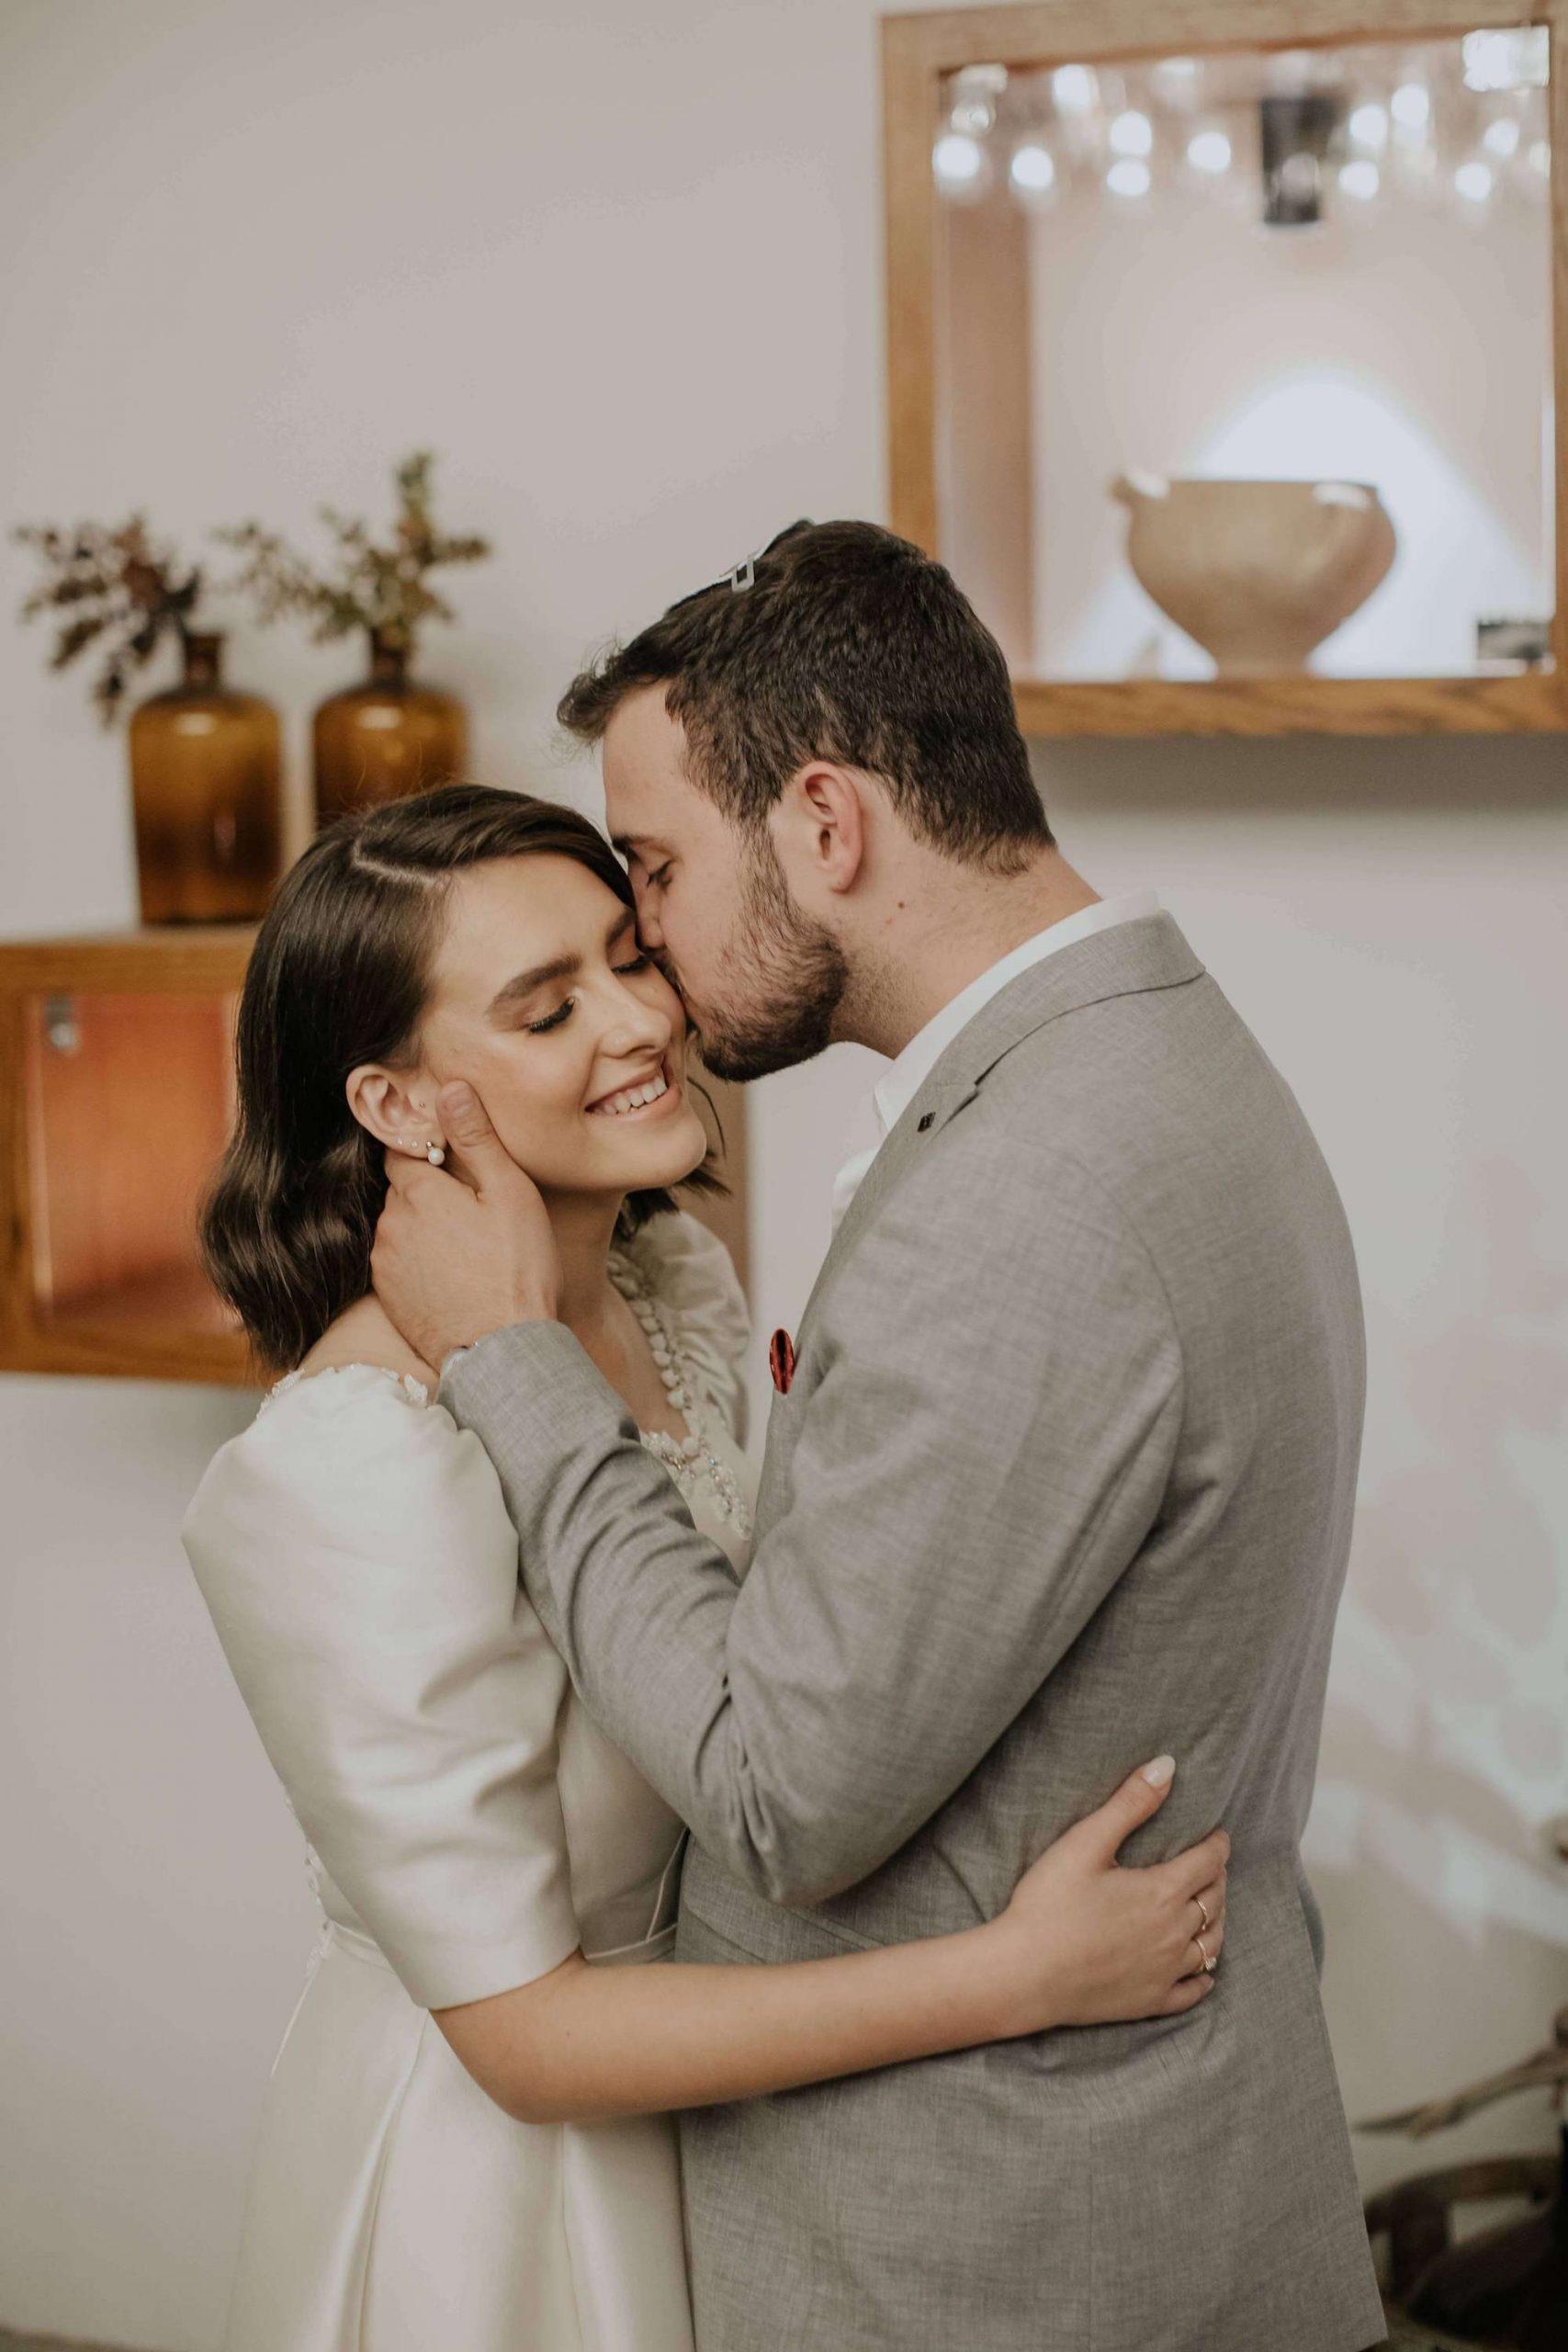 חתונה קטנה ומרגשת ביקב פסגות